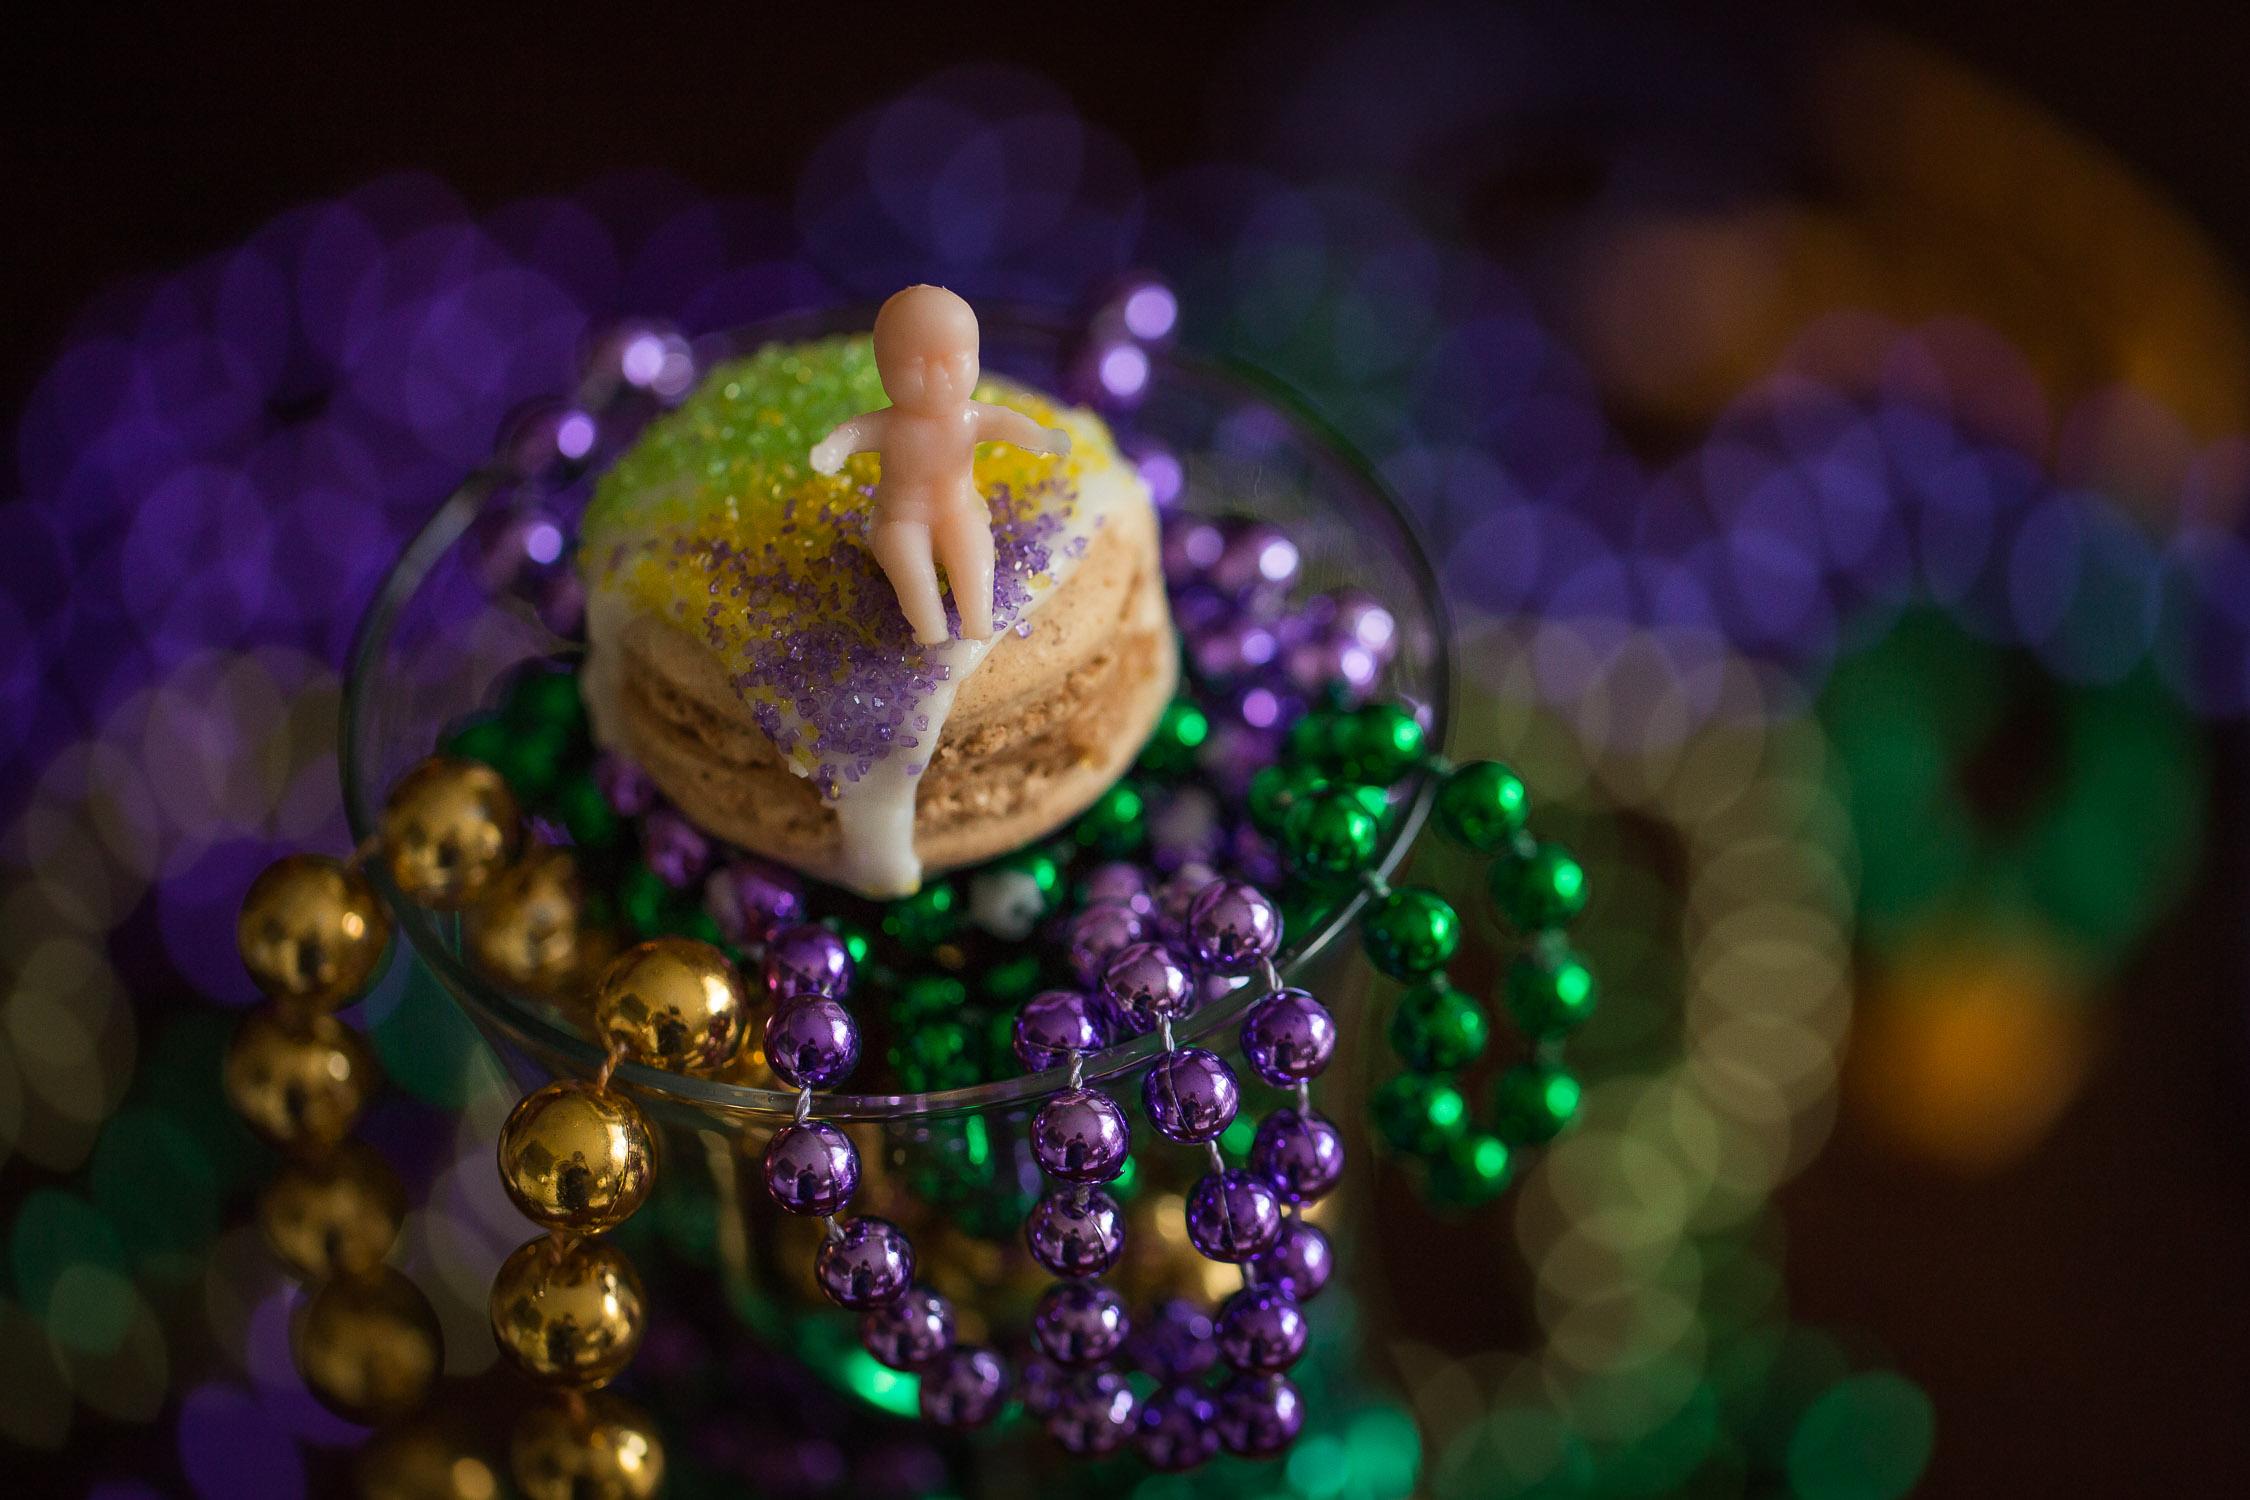 King Cake Macaron Recipe For Mardi Gras Justin Hankins